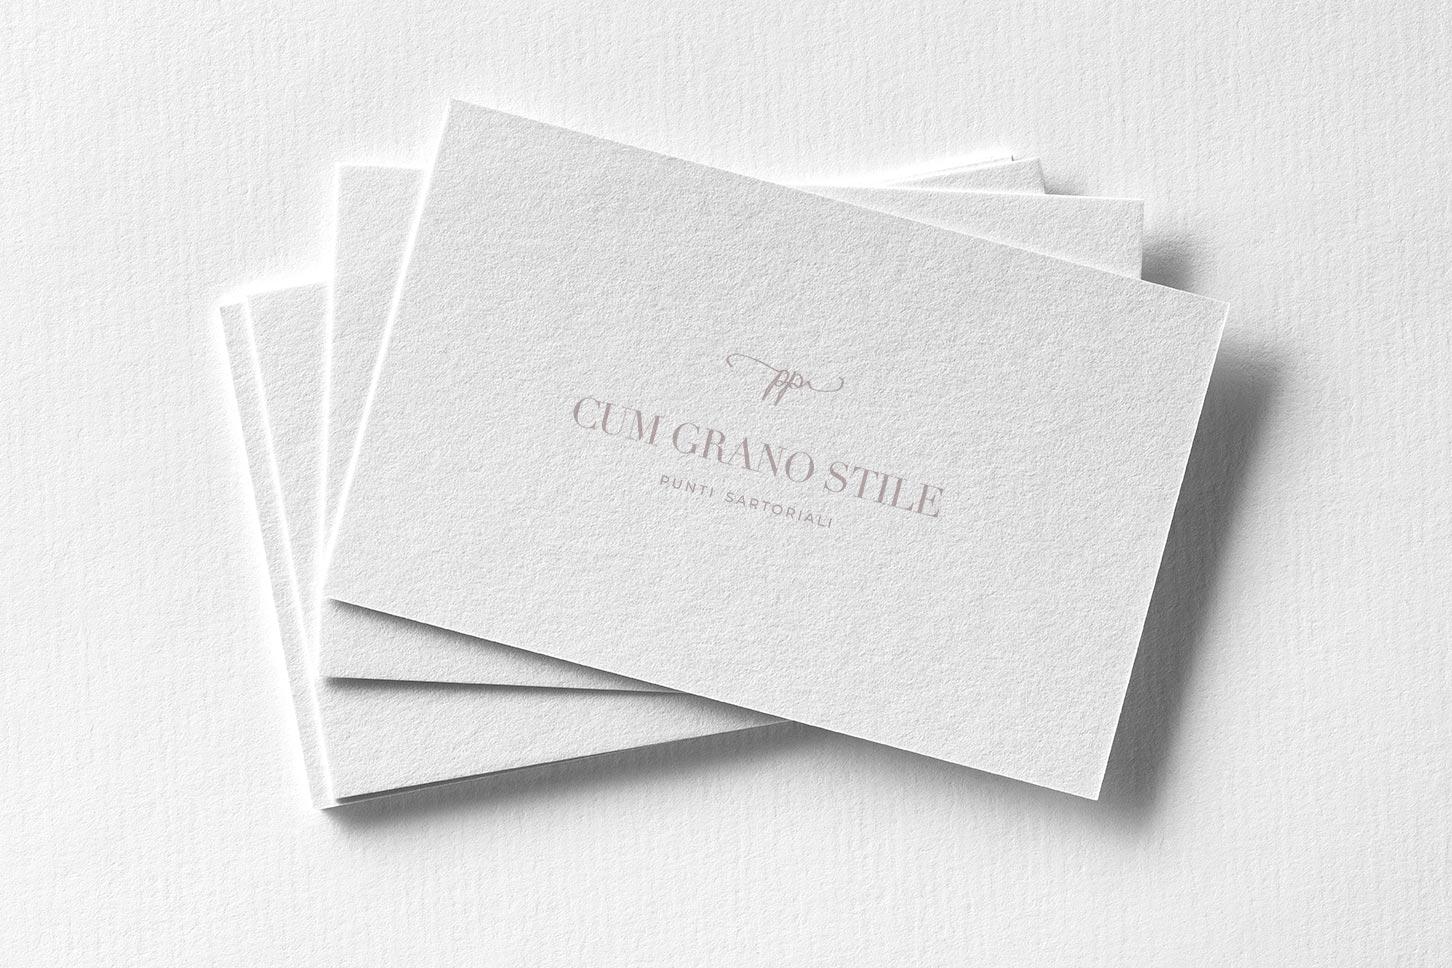 Ellas design - Logo Design Cum Grano Stile - Branding